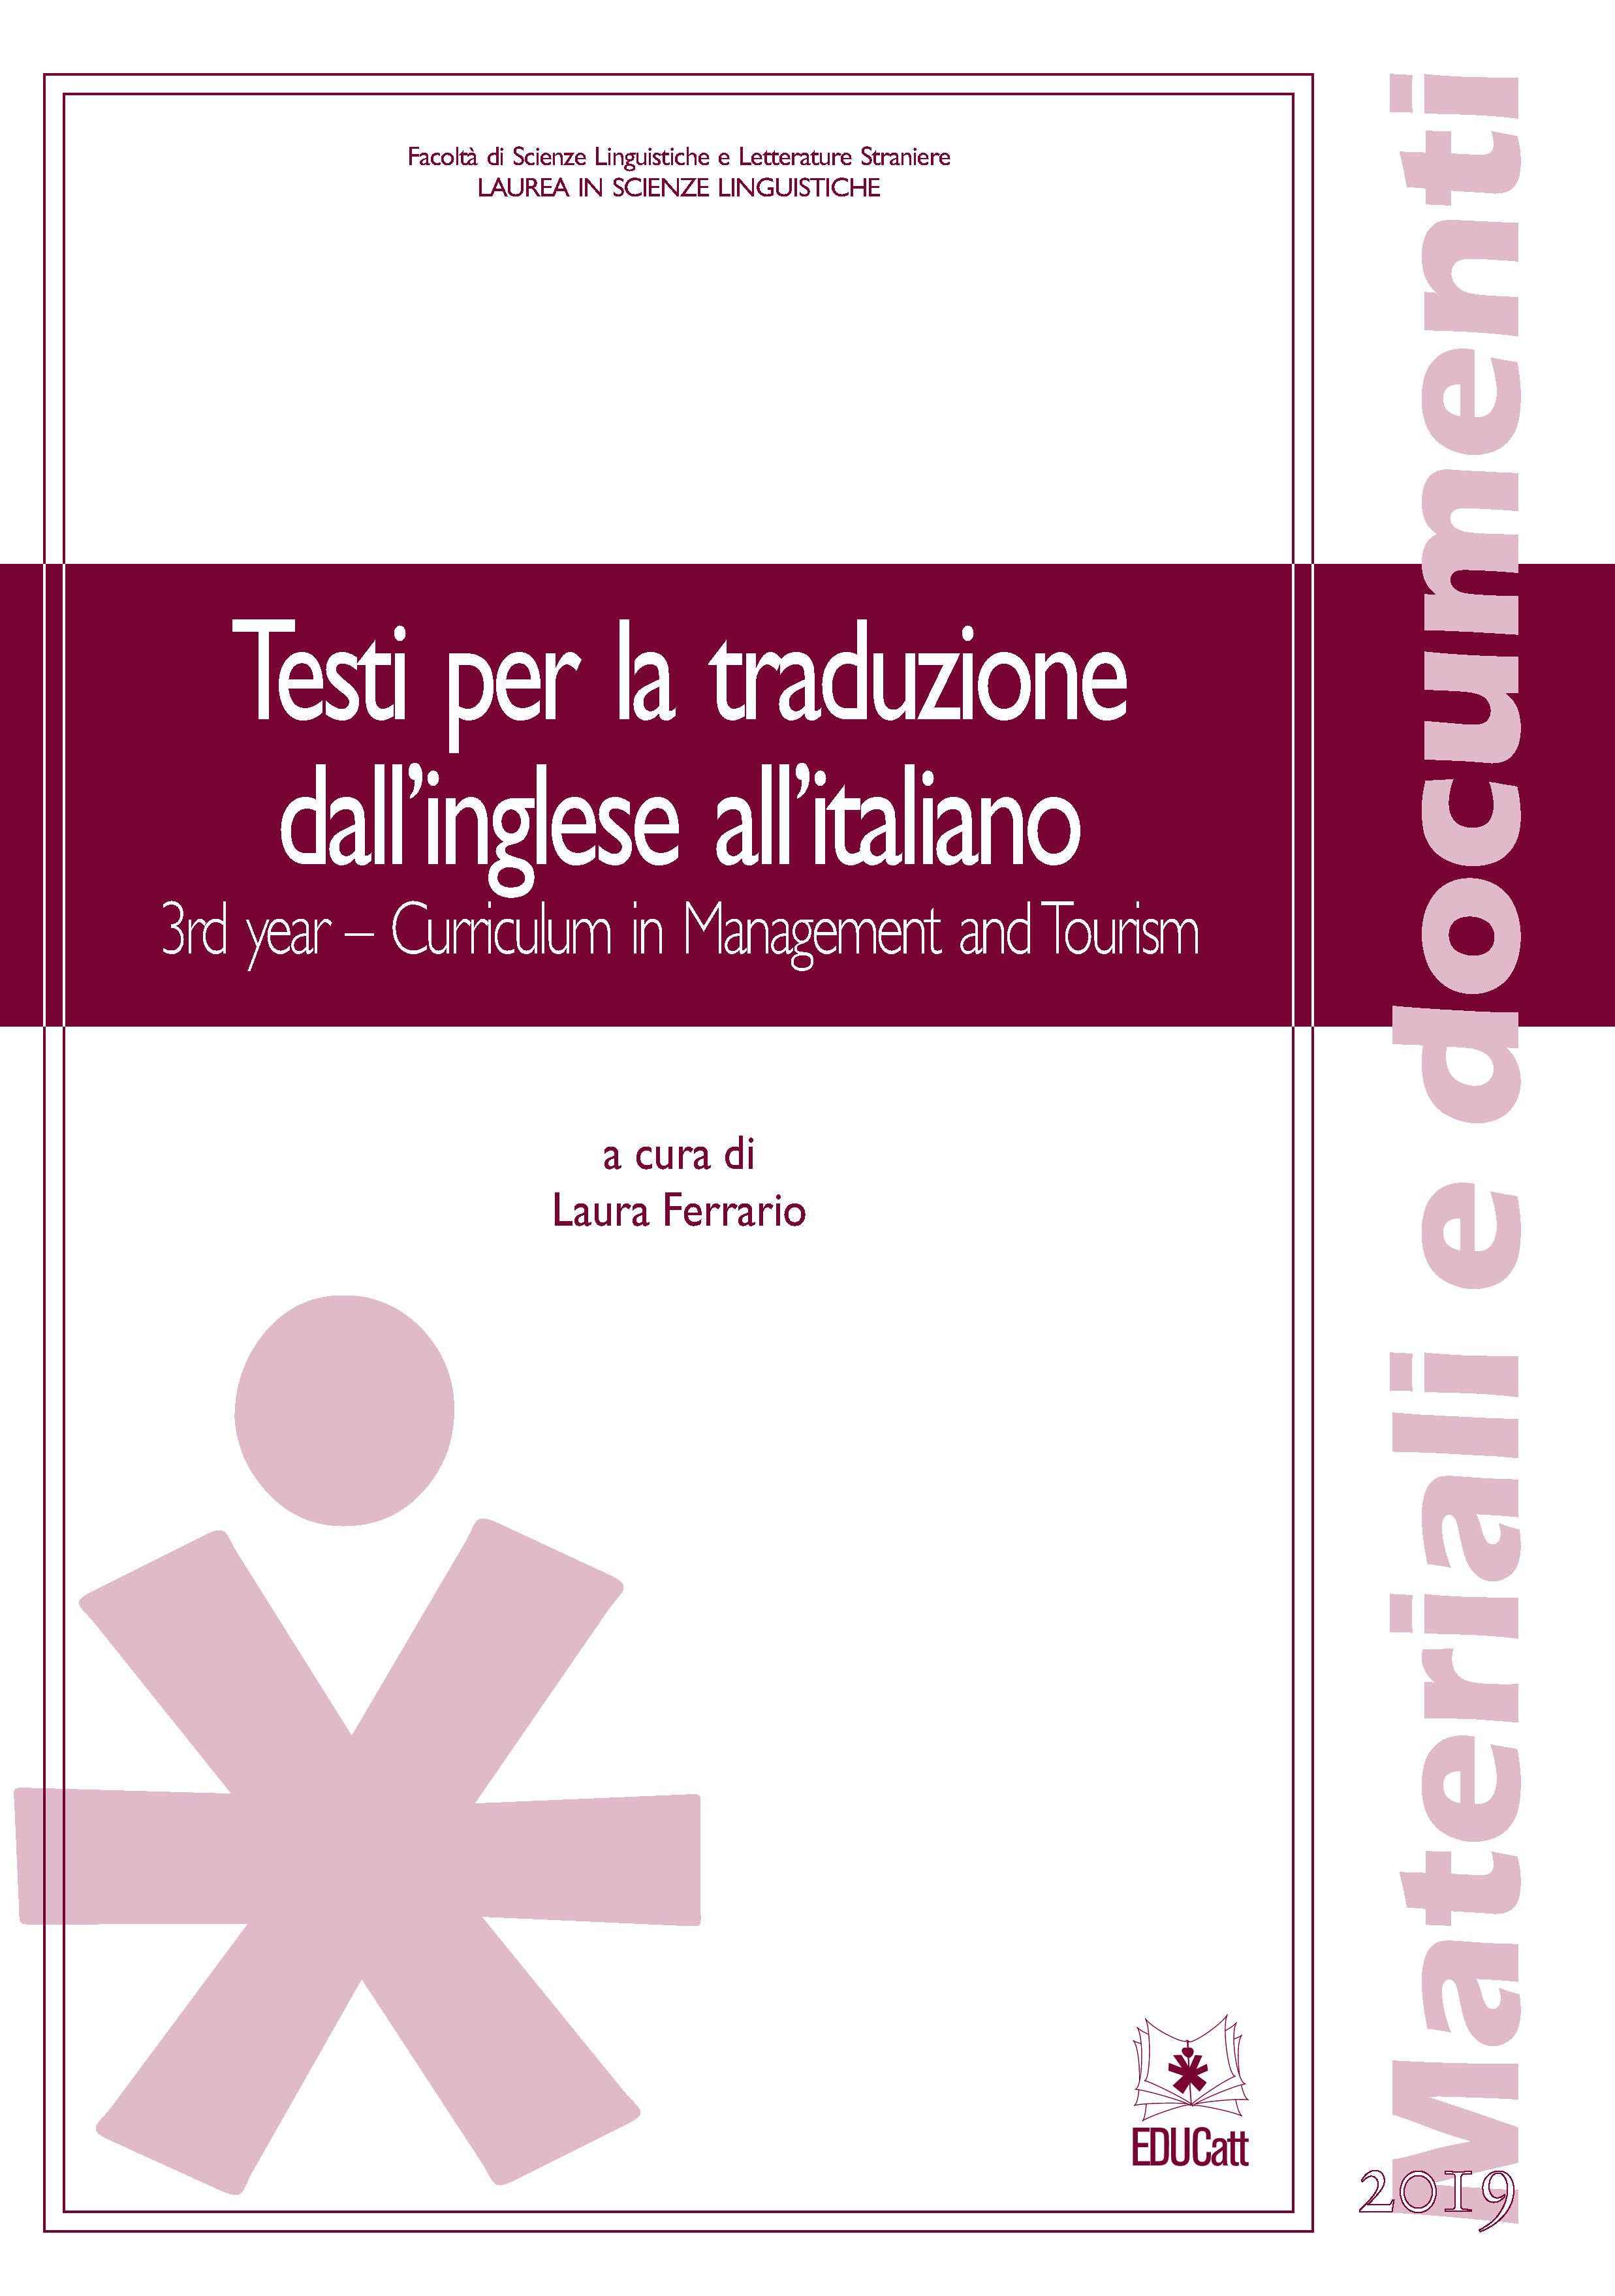 Testi per la traduzione dall'inglese all'italiano 3rd year - curriculum in management e turismo